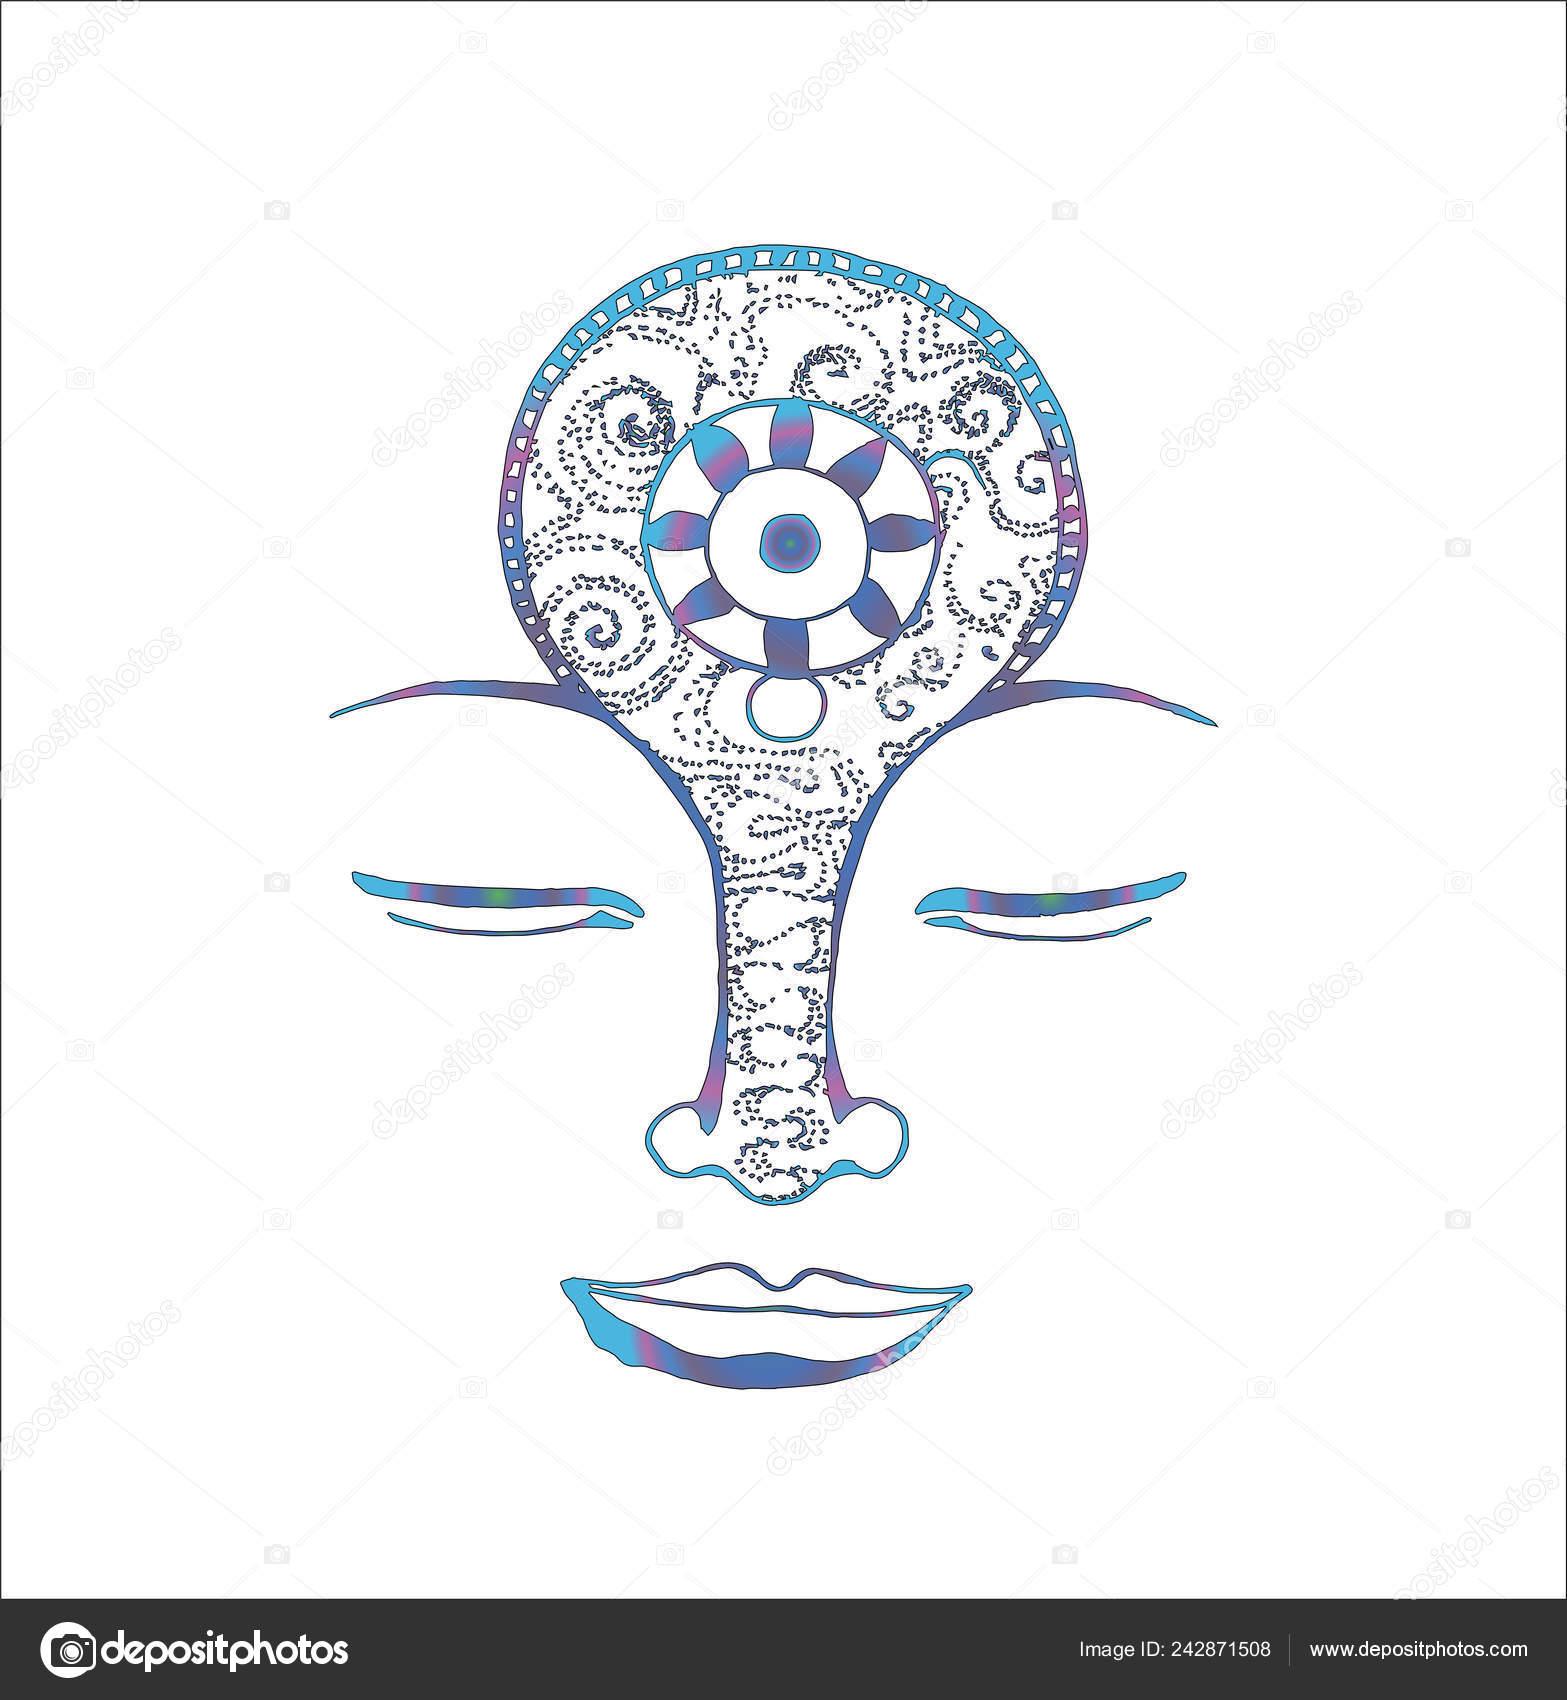 瞑想の精神とイラストマンダラとパターン入れ墨のためのアイデア